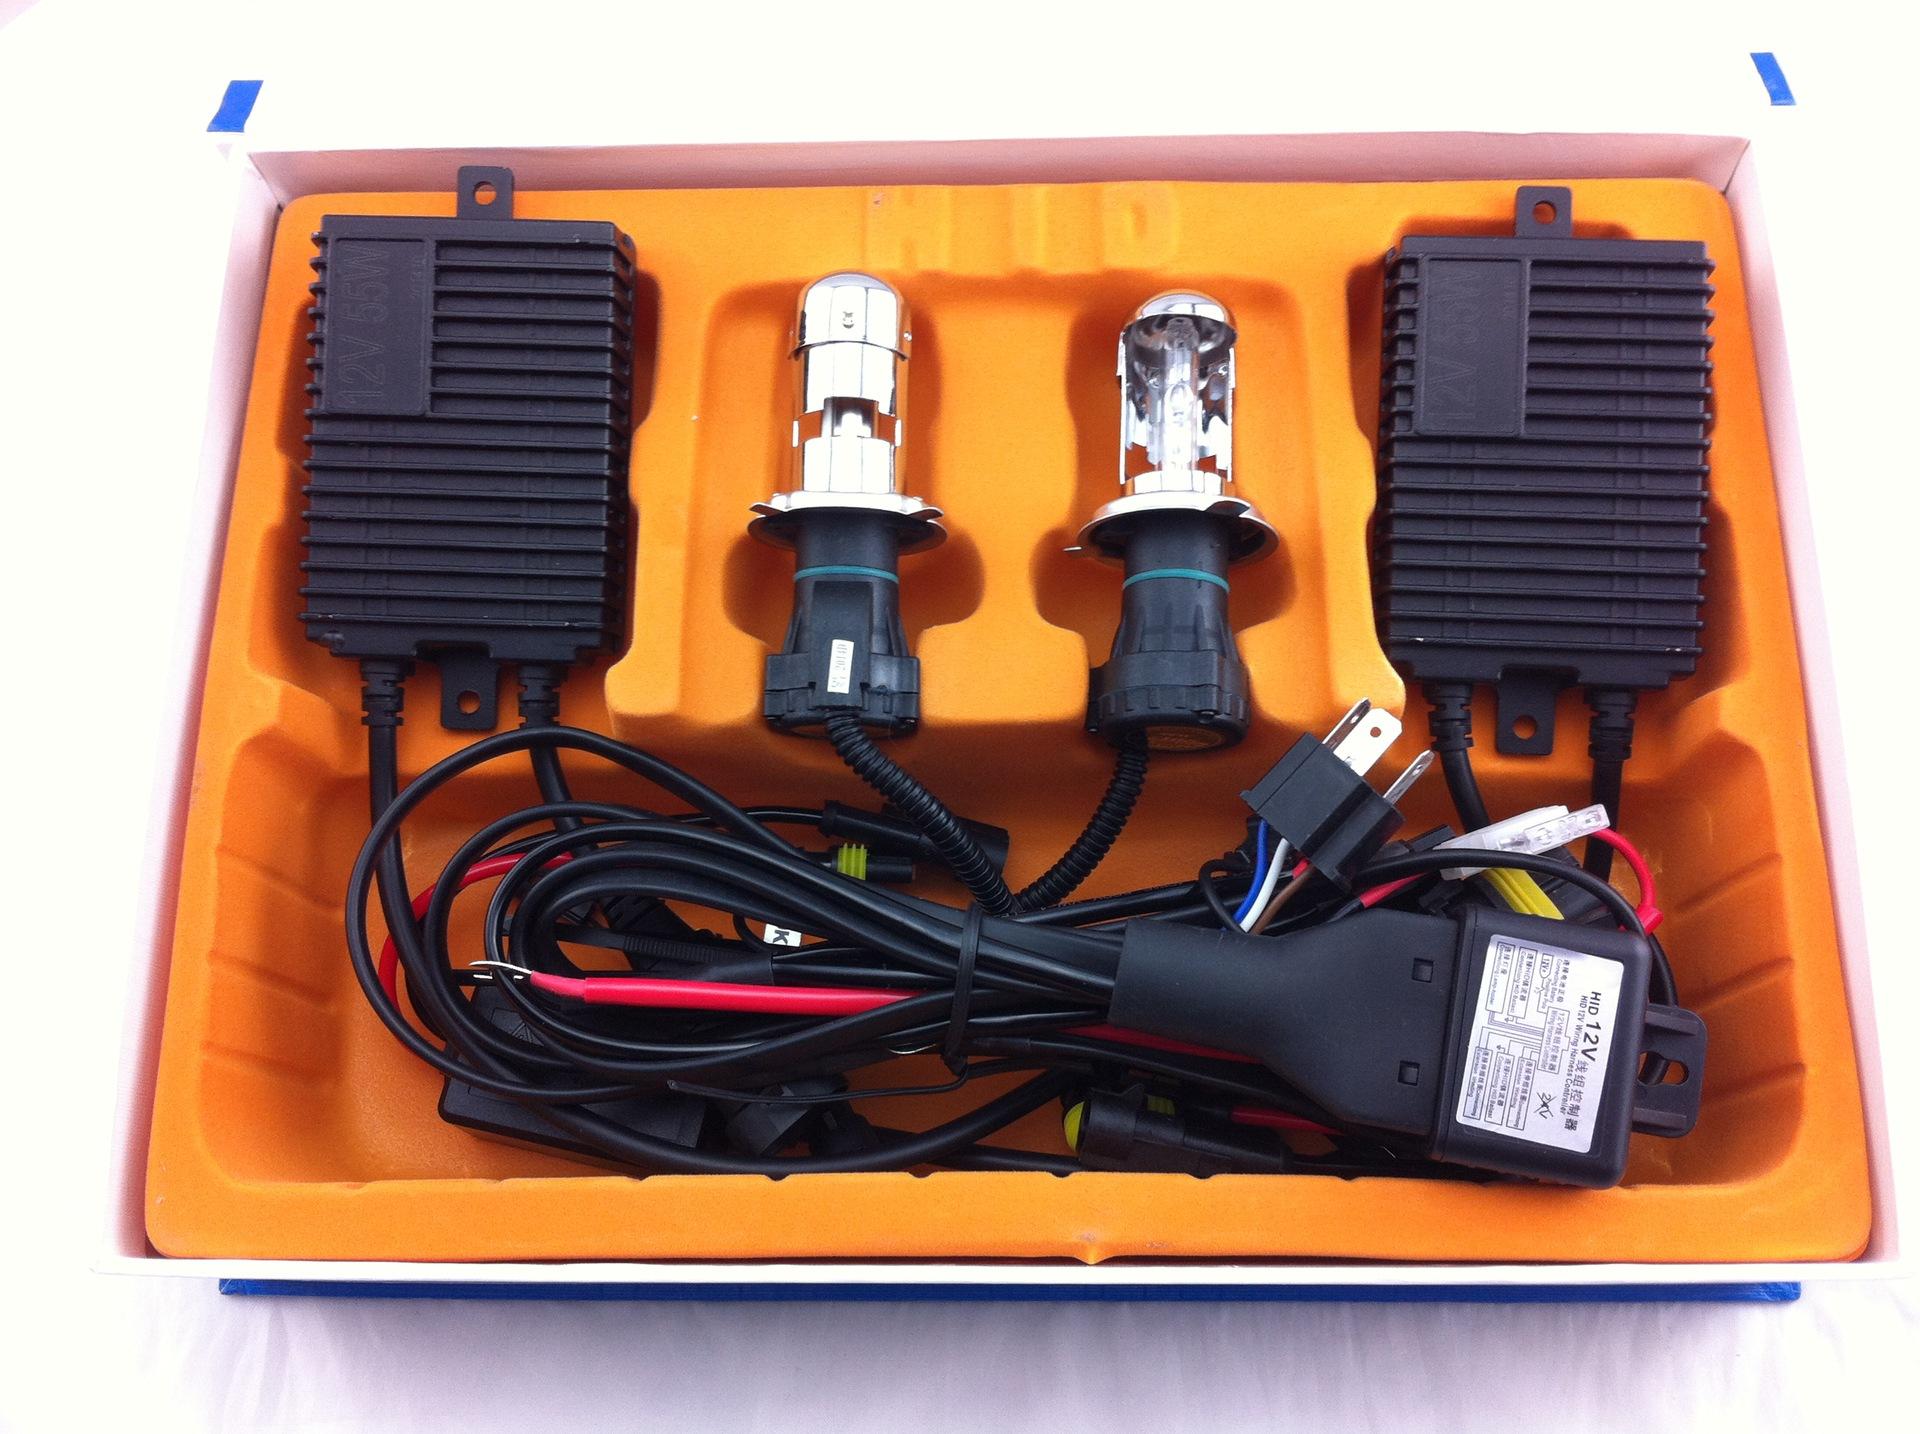 12V55W一秒快启套装/伸缩灯2106/高低灯/远近灯/摆角灯